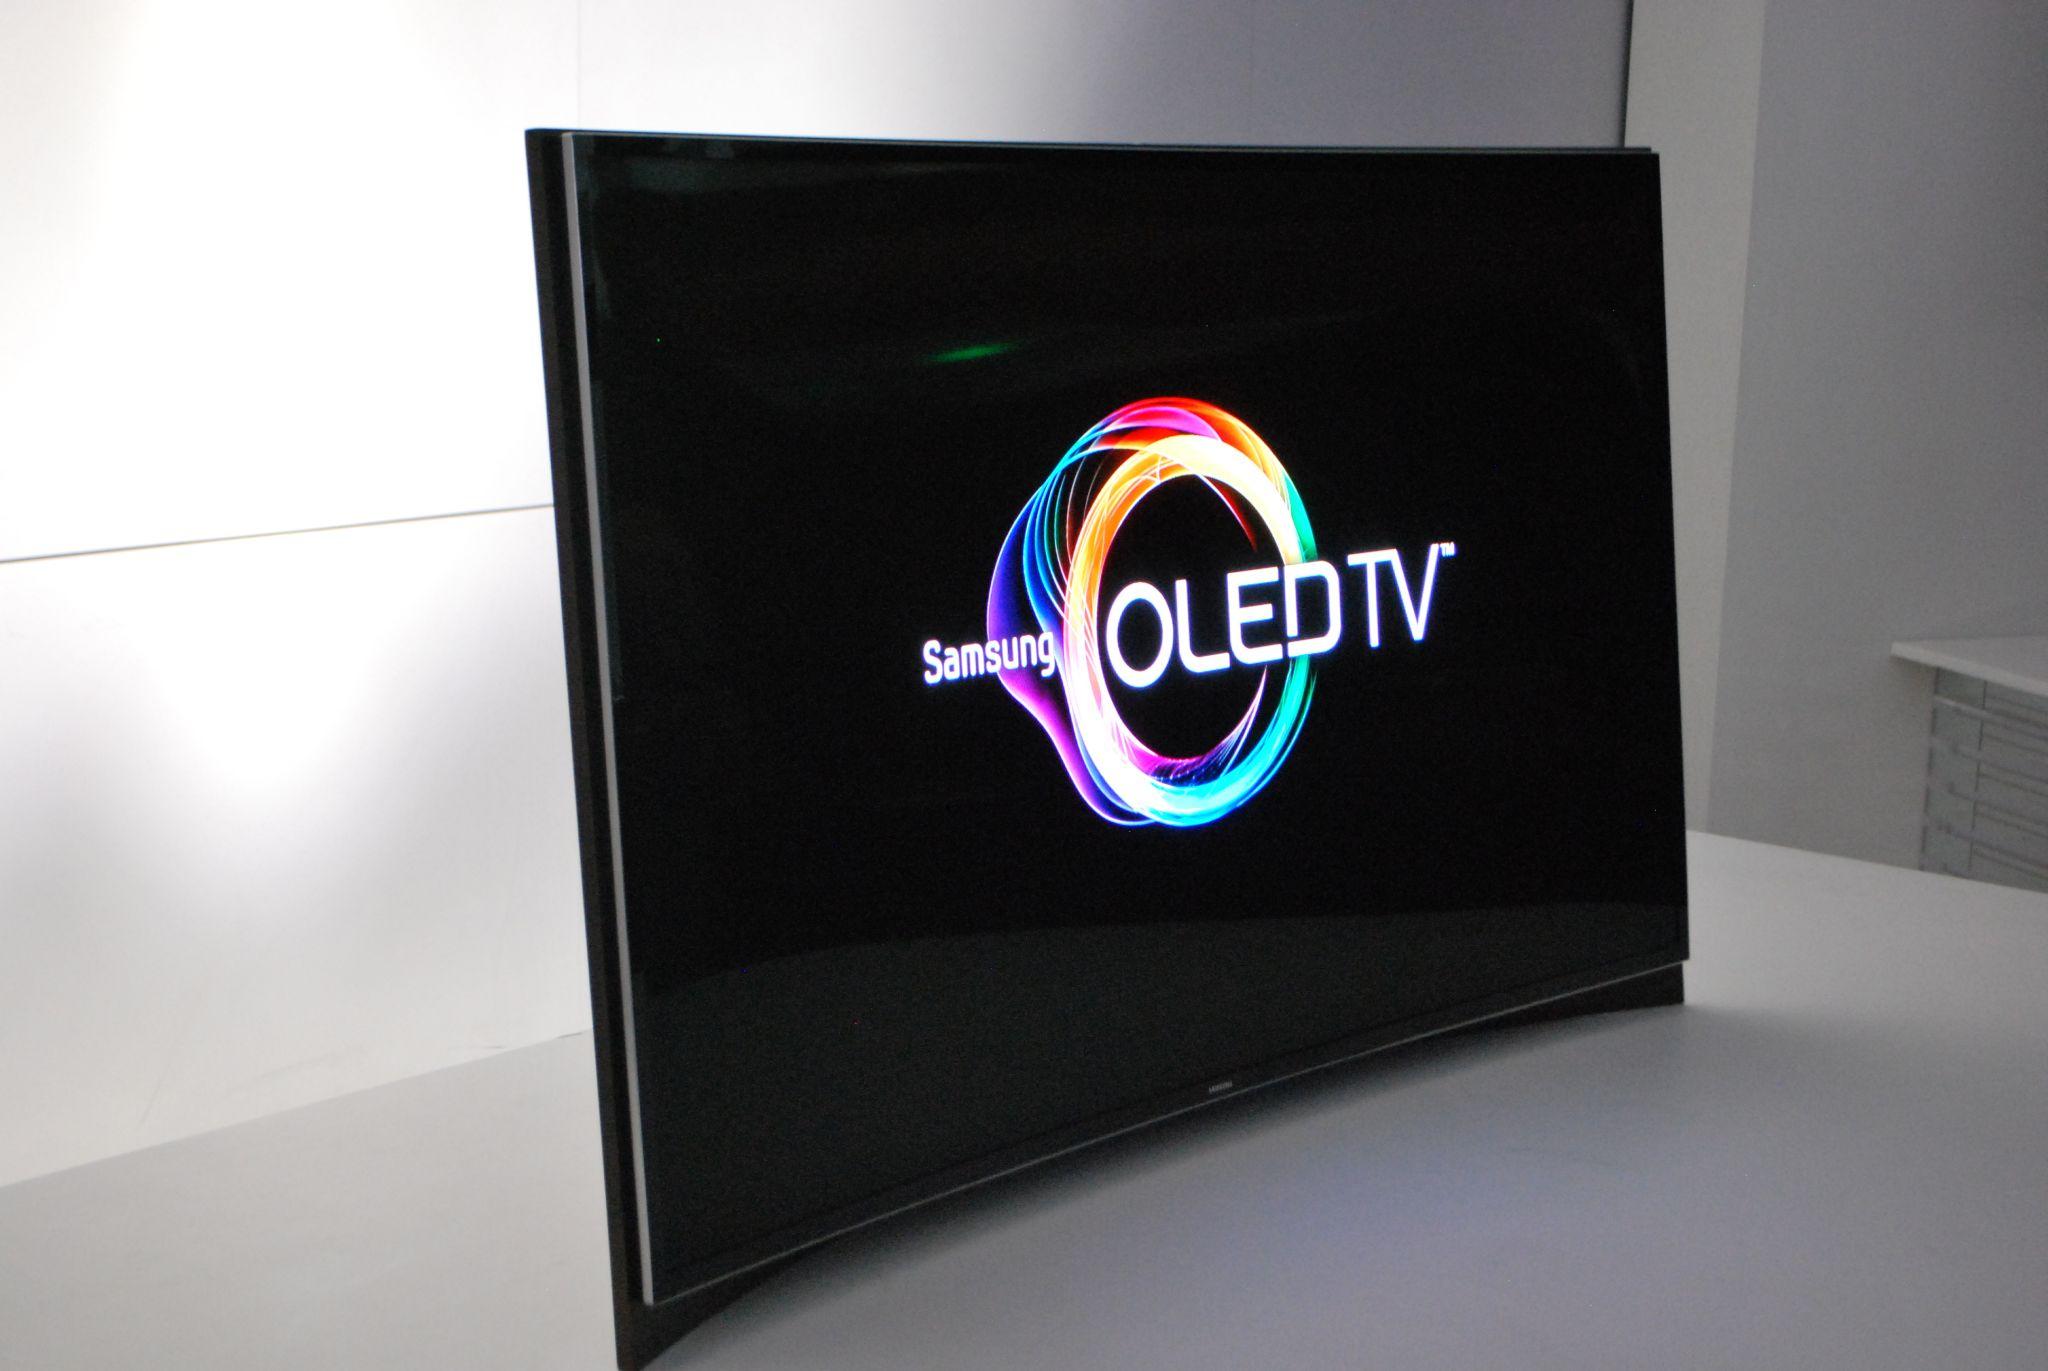 Nadciąga nowy 65-calowy telewizor OLED. Z Tajwanu